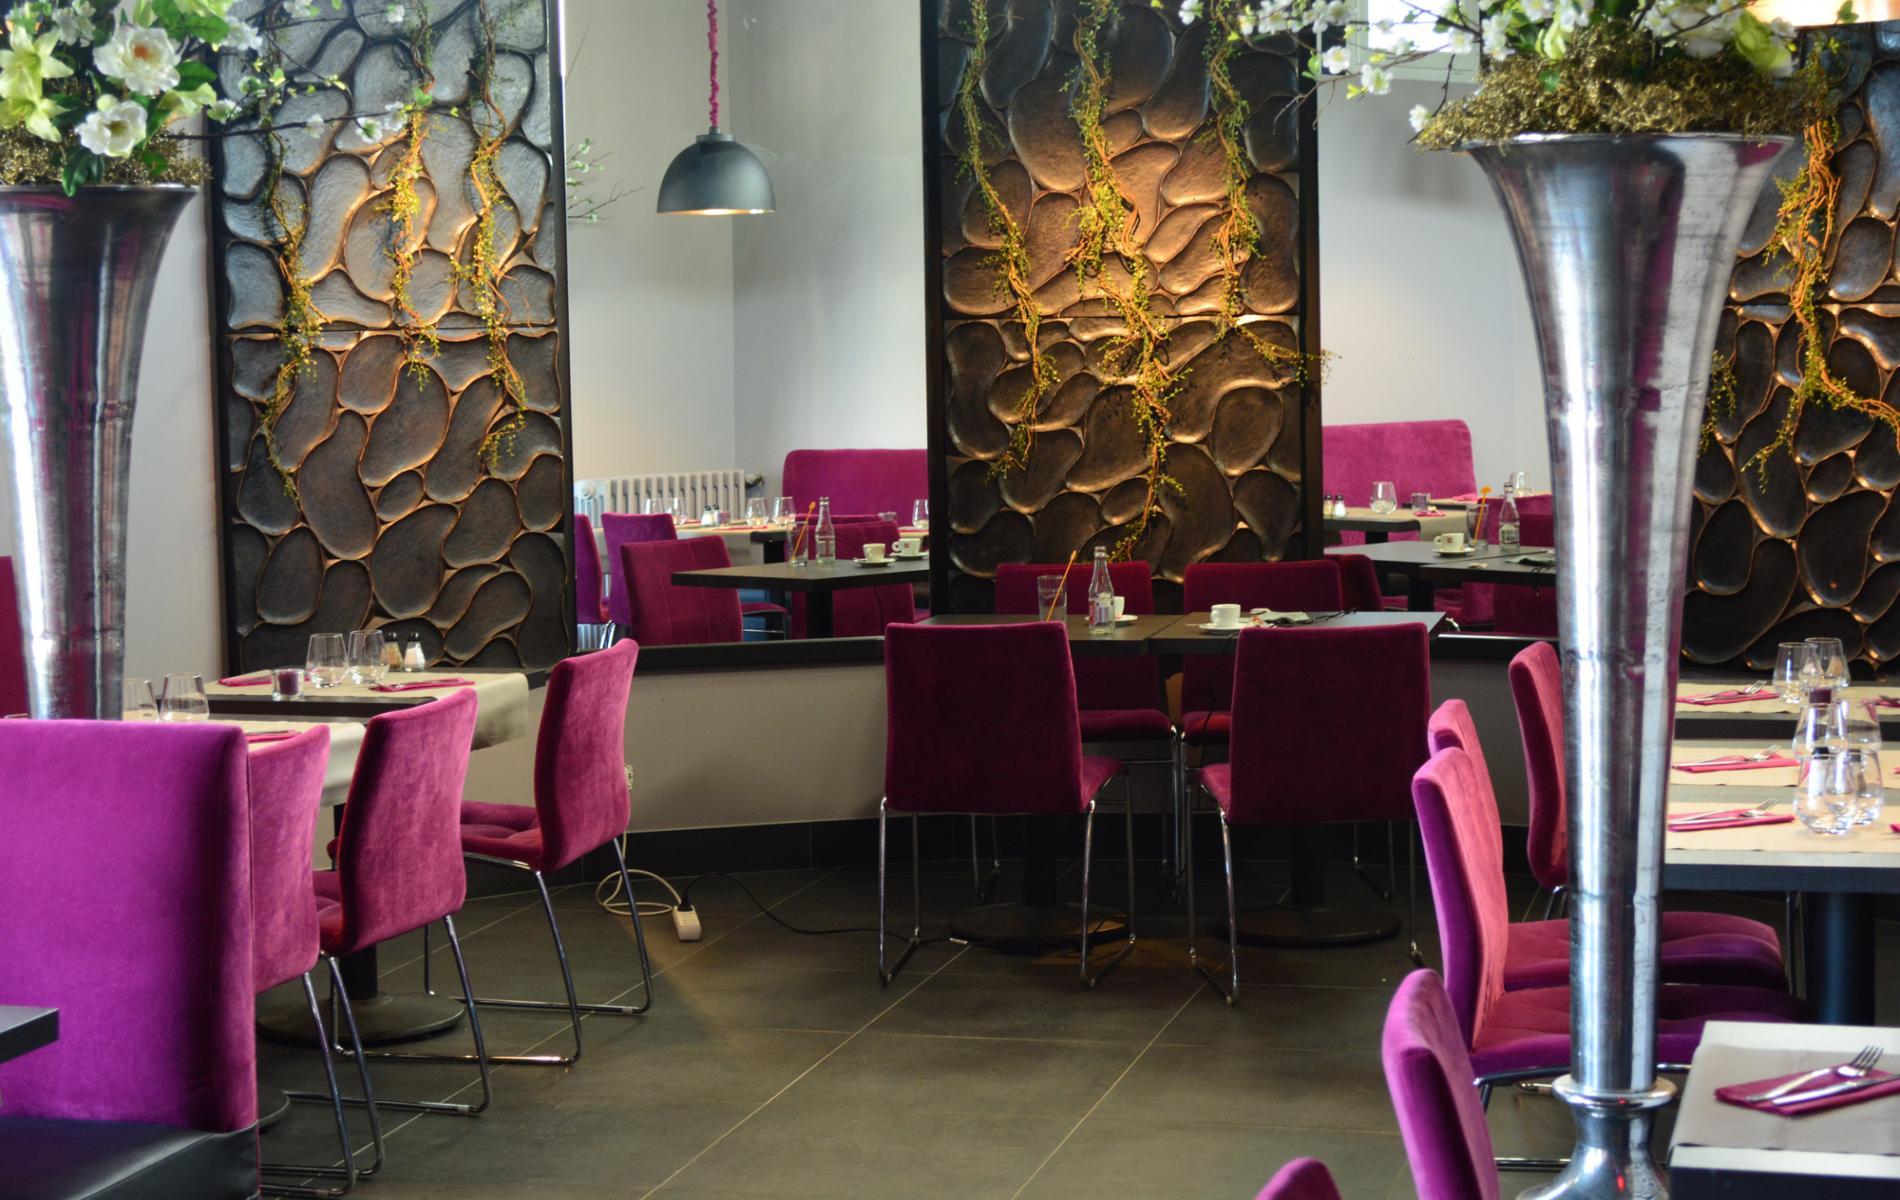 Salle de restaurant - Le Yoota à Caen